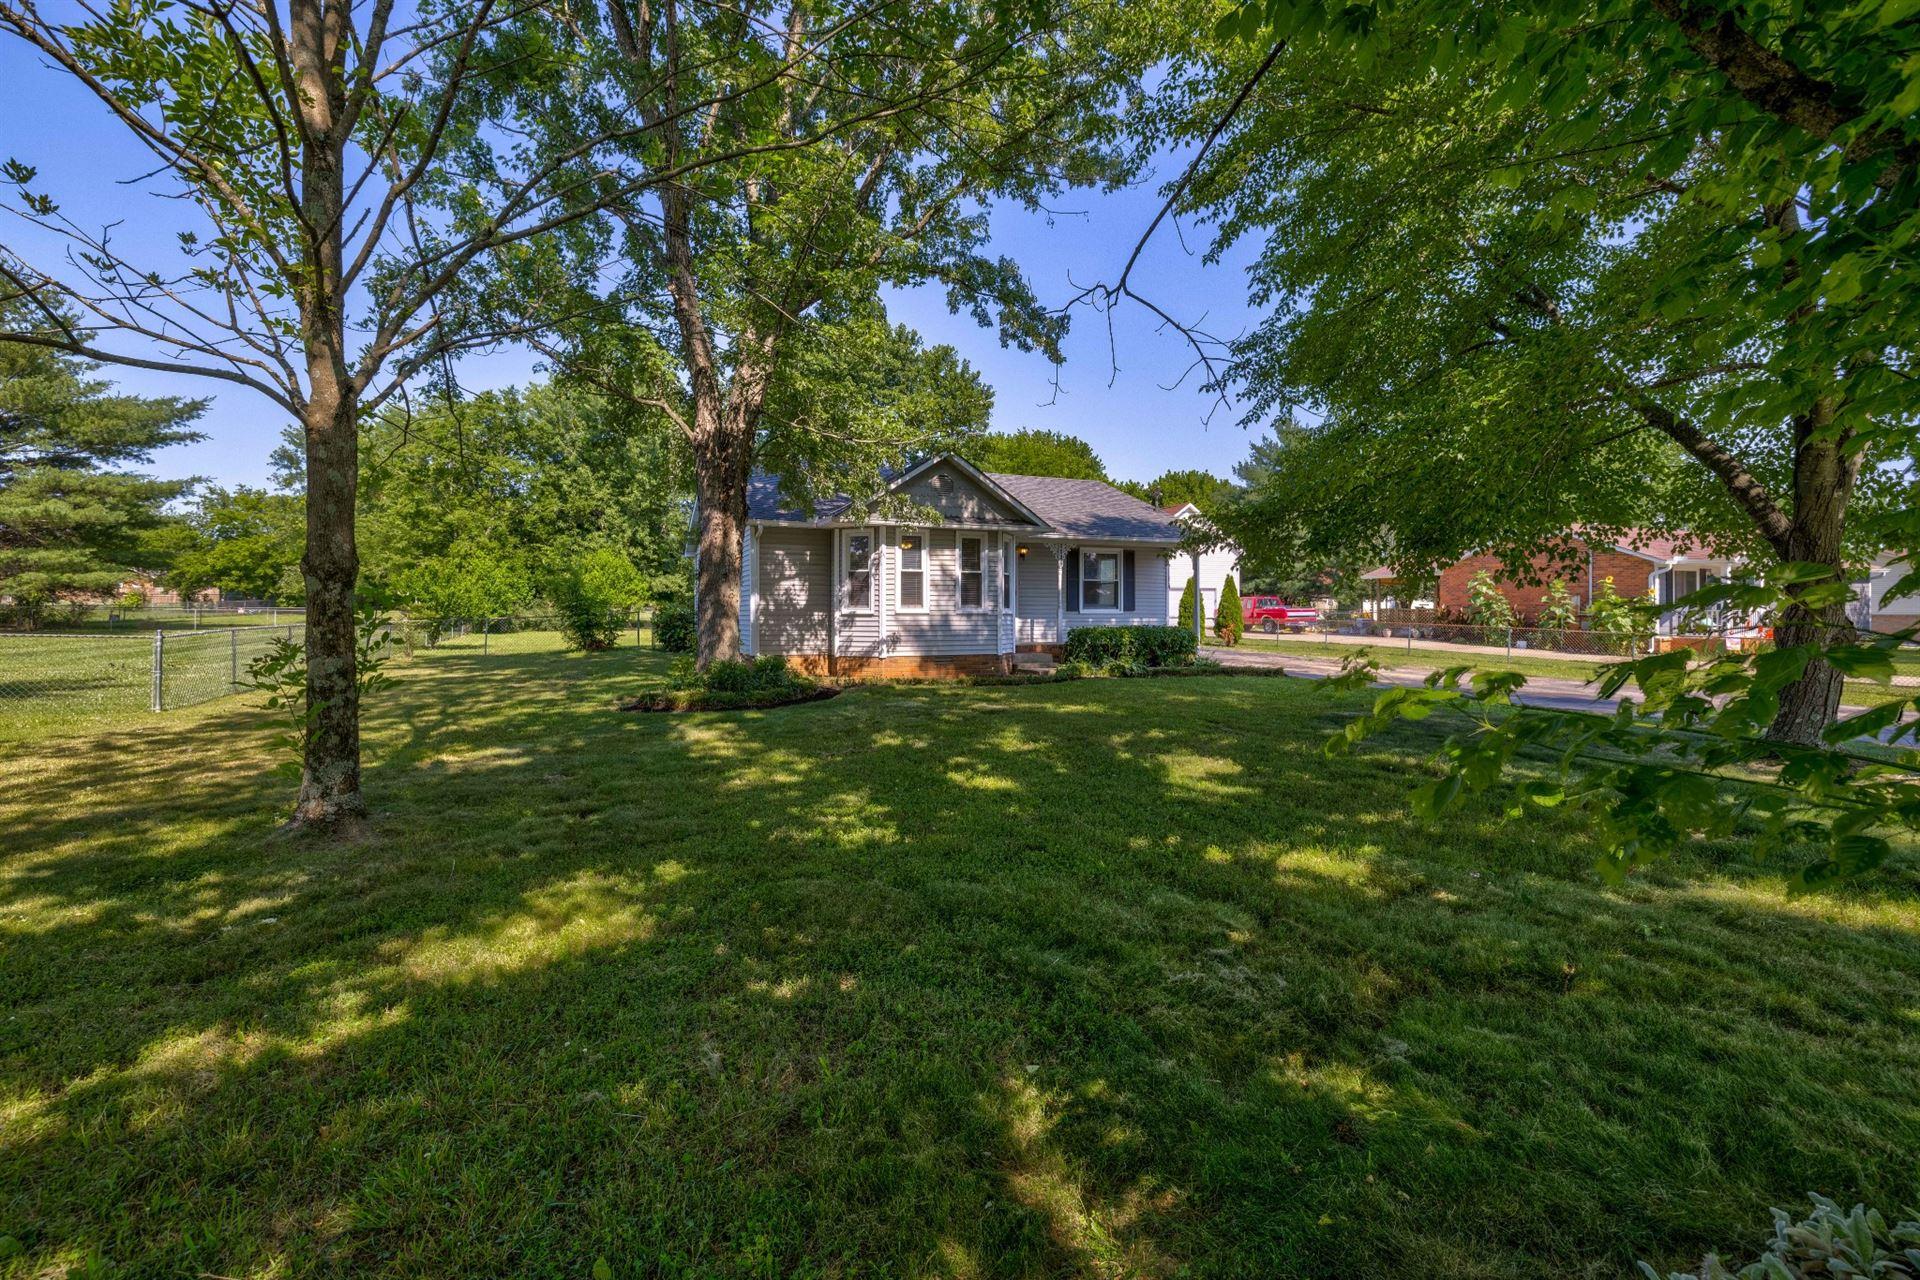 Photo of 5519 Jernigan Ln, Murfreesboro, TN 37129 (MLS # 2263509)